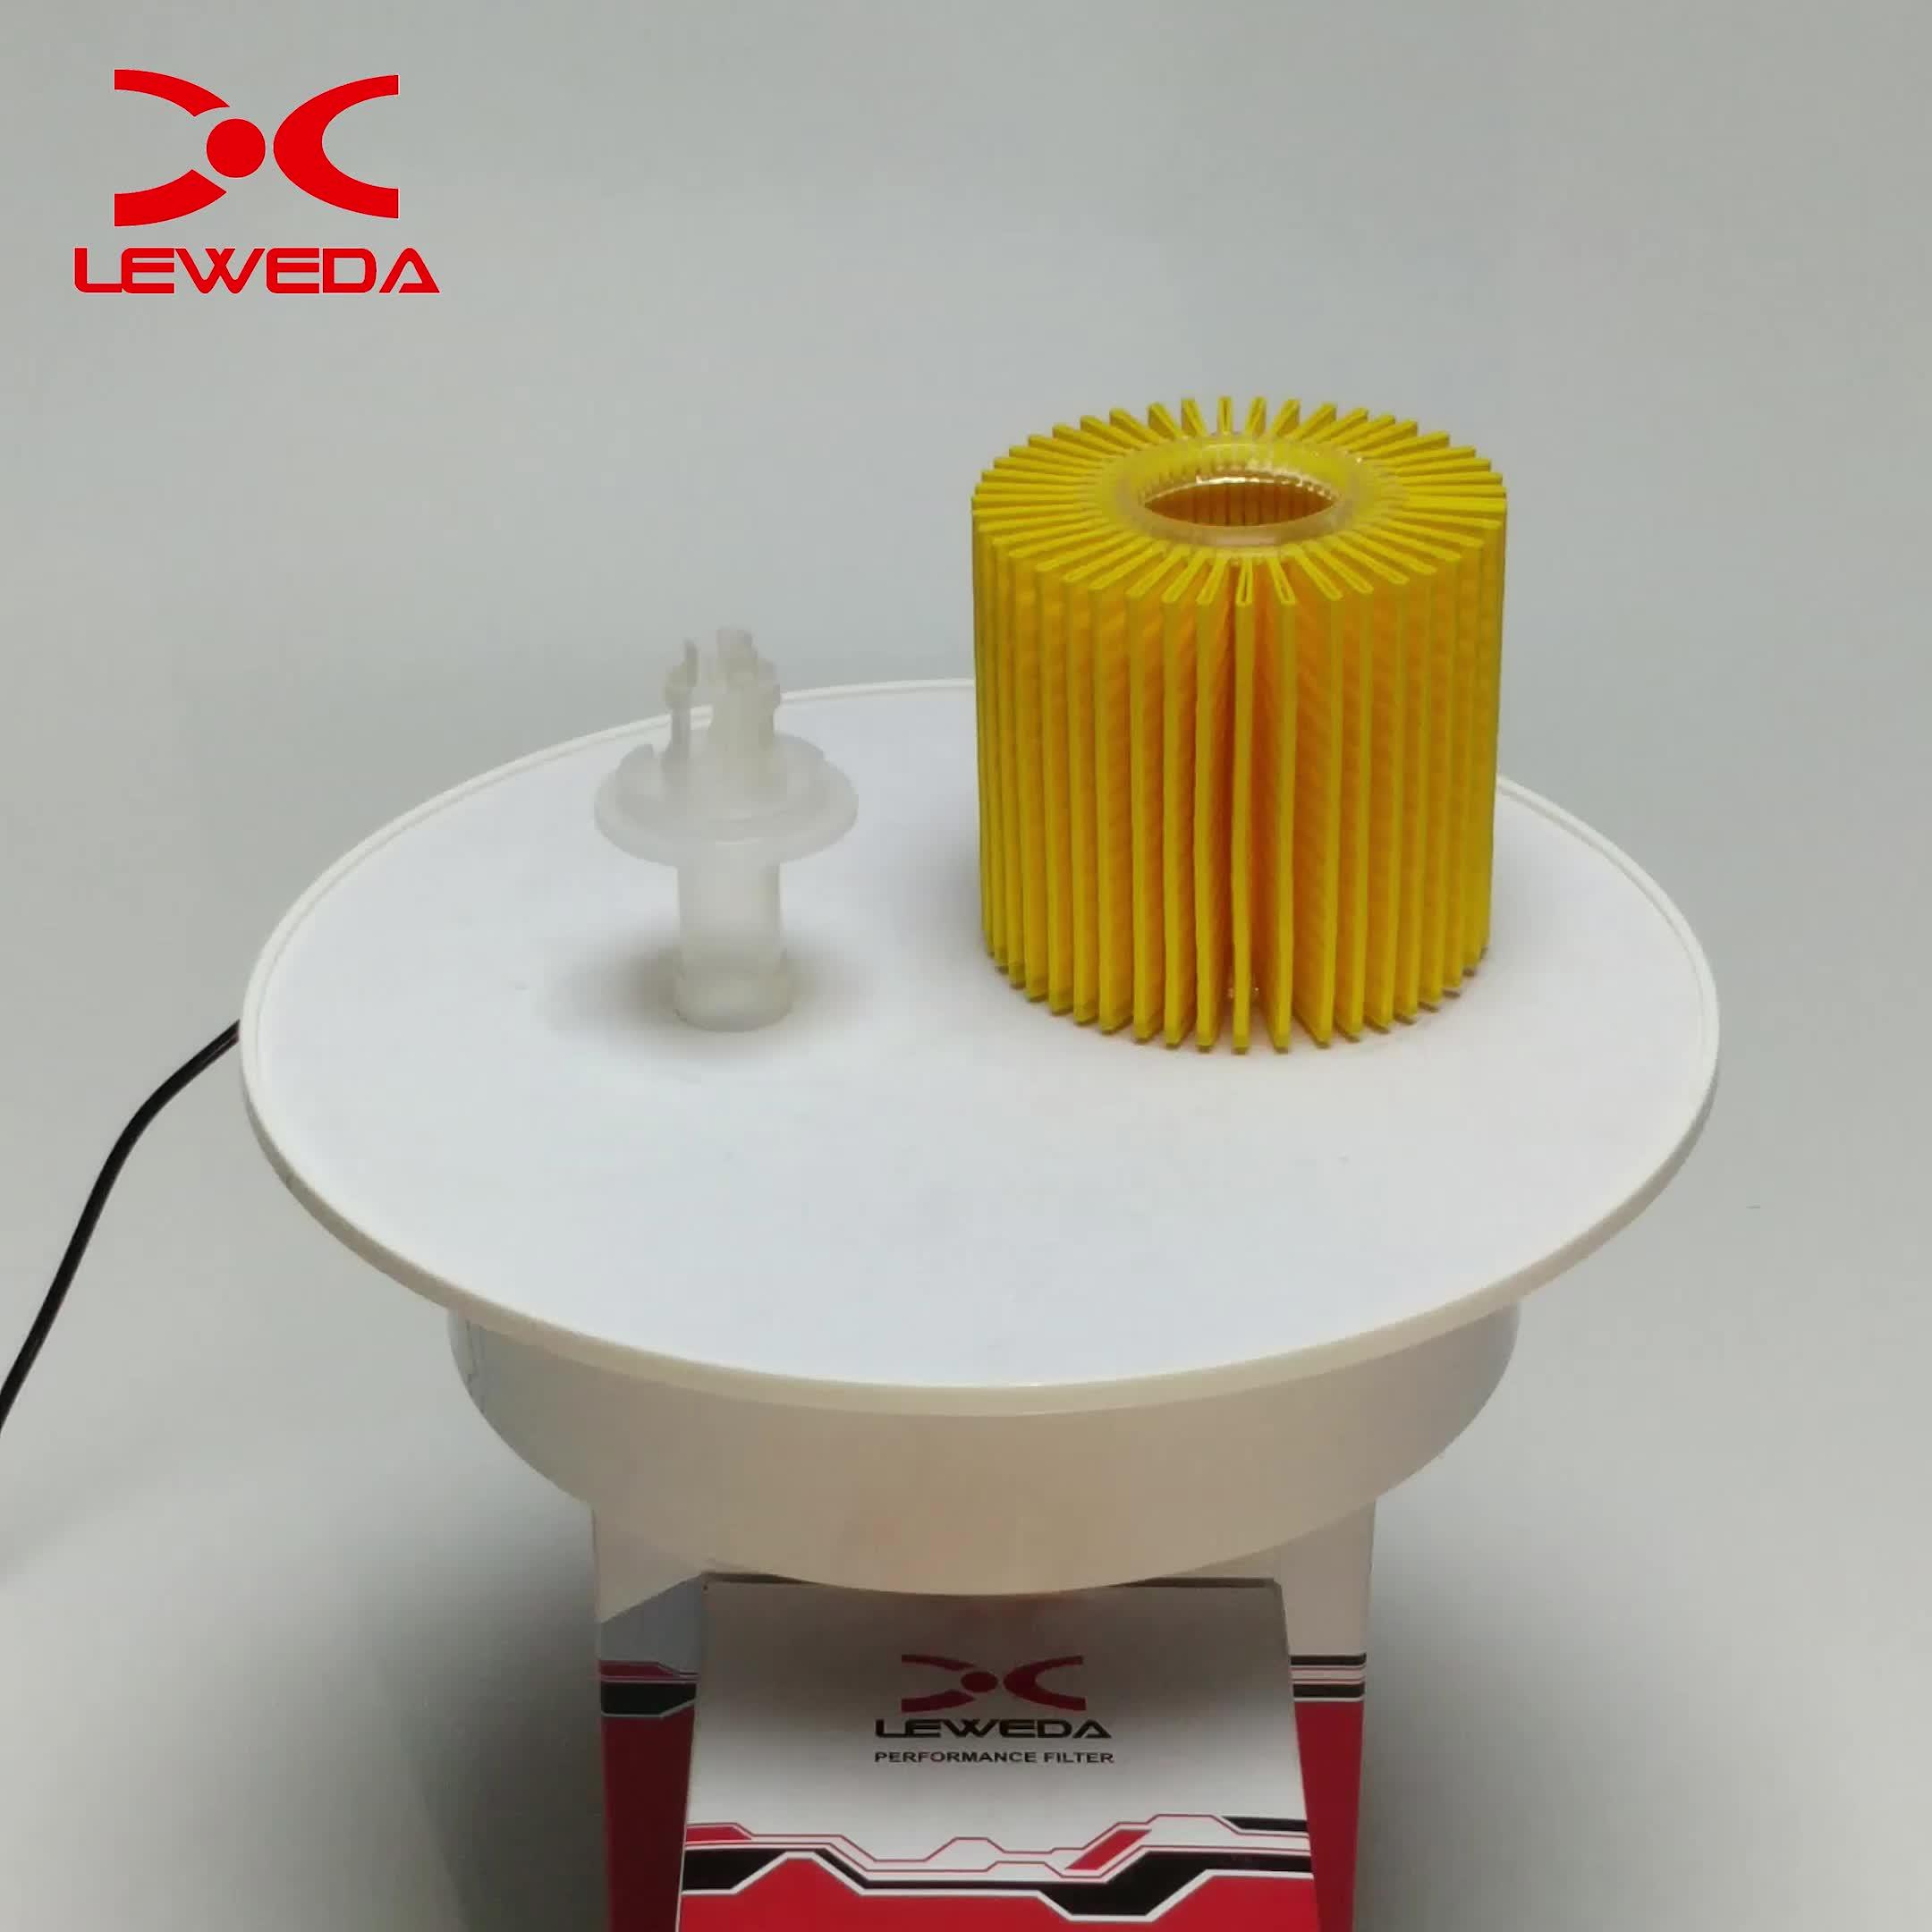 Leweda marca De Alto desempenho do motor do carro do filtro de óleo 04152-31090 para EVORA